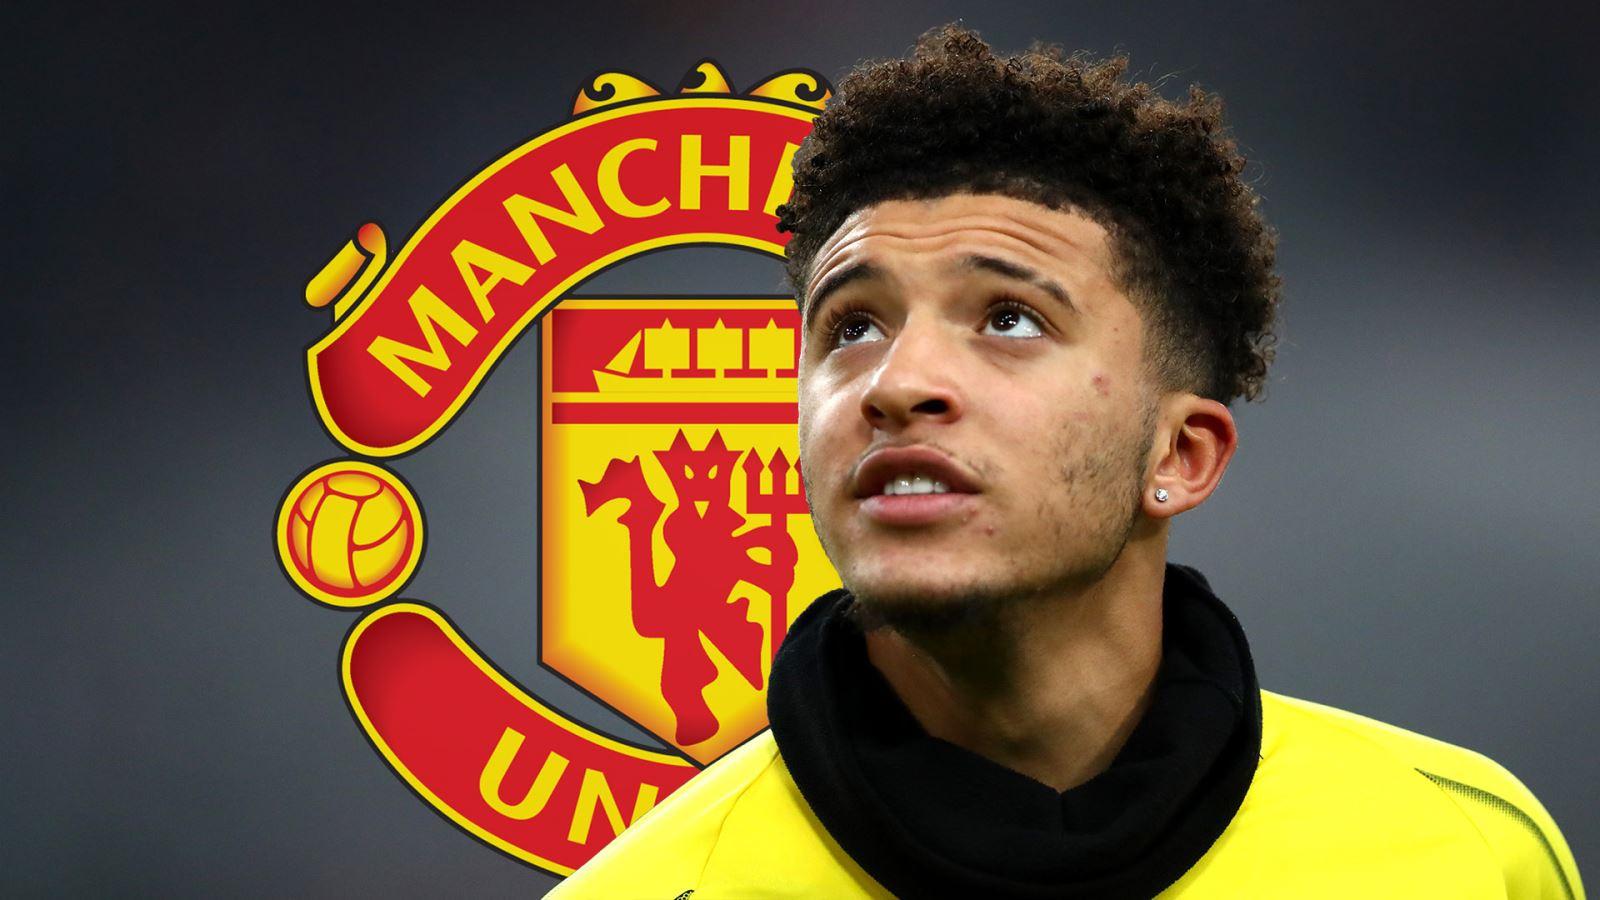 CHUYỂN NHƯỢNG 21/12: MU được khuyên mua Jadon Sancho. Everton chính thức bổ nhiệm Ancelotti